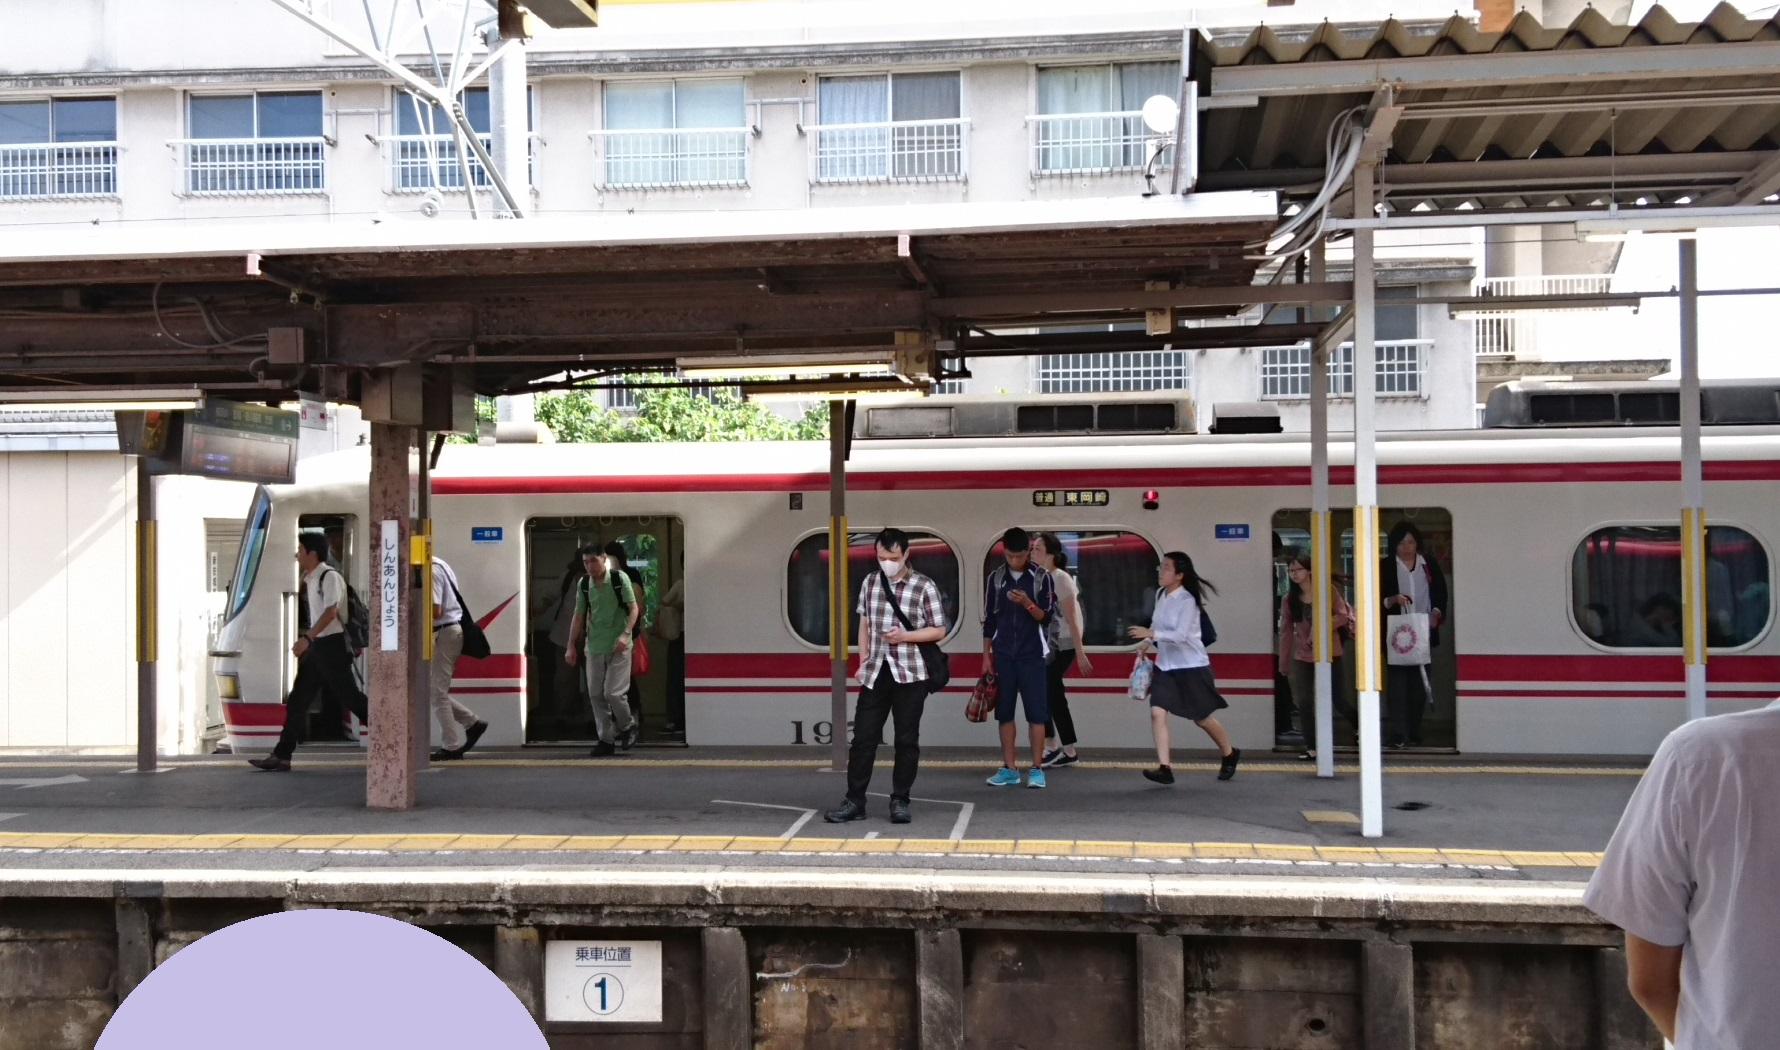 2017.9.18 名古屋 (7) しんあんじょう - 東岡崎いきふつう 1780-1050